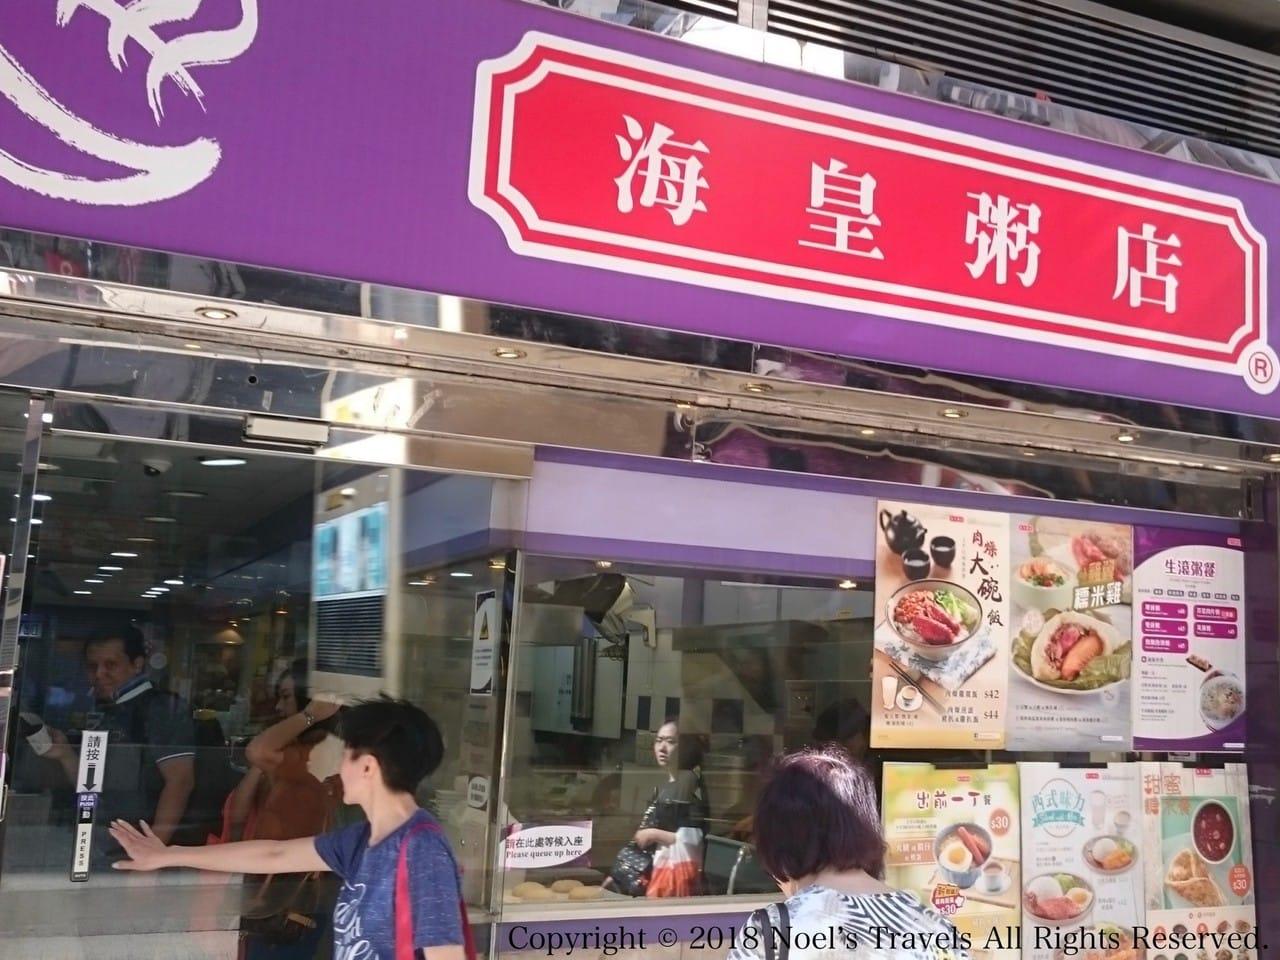 香港のお粥店「海皇粥店」